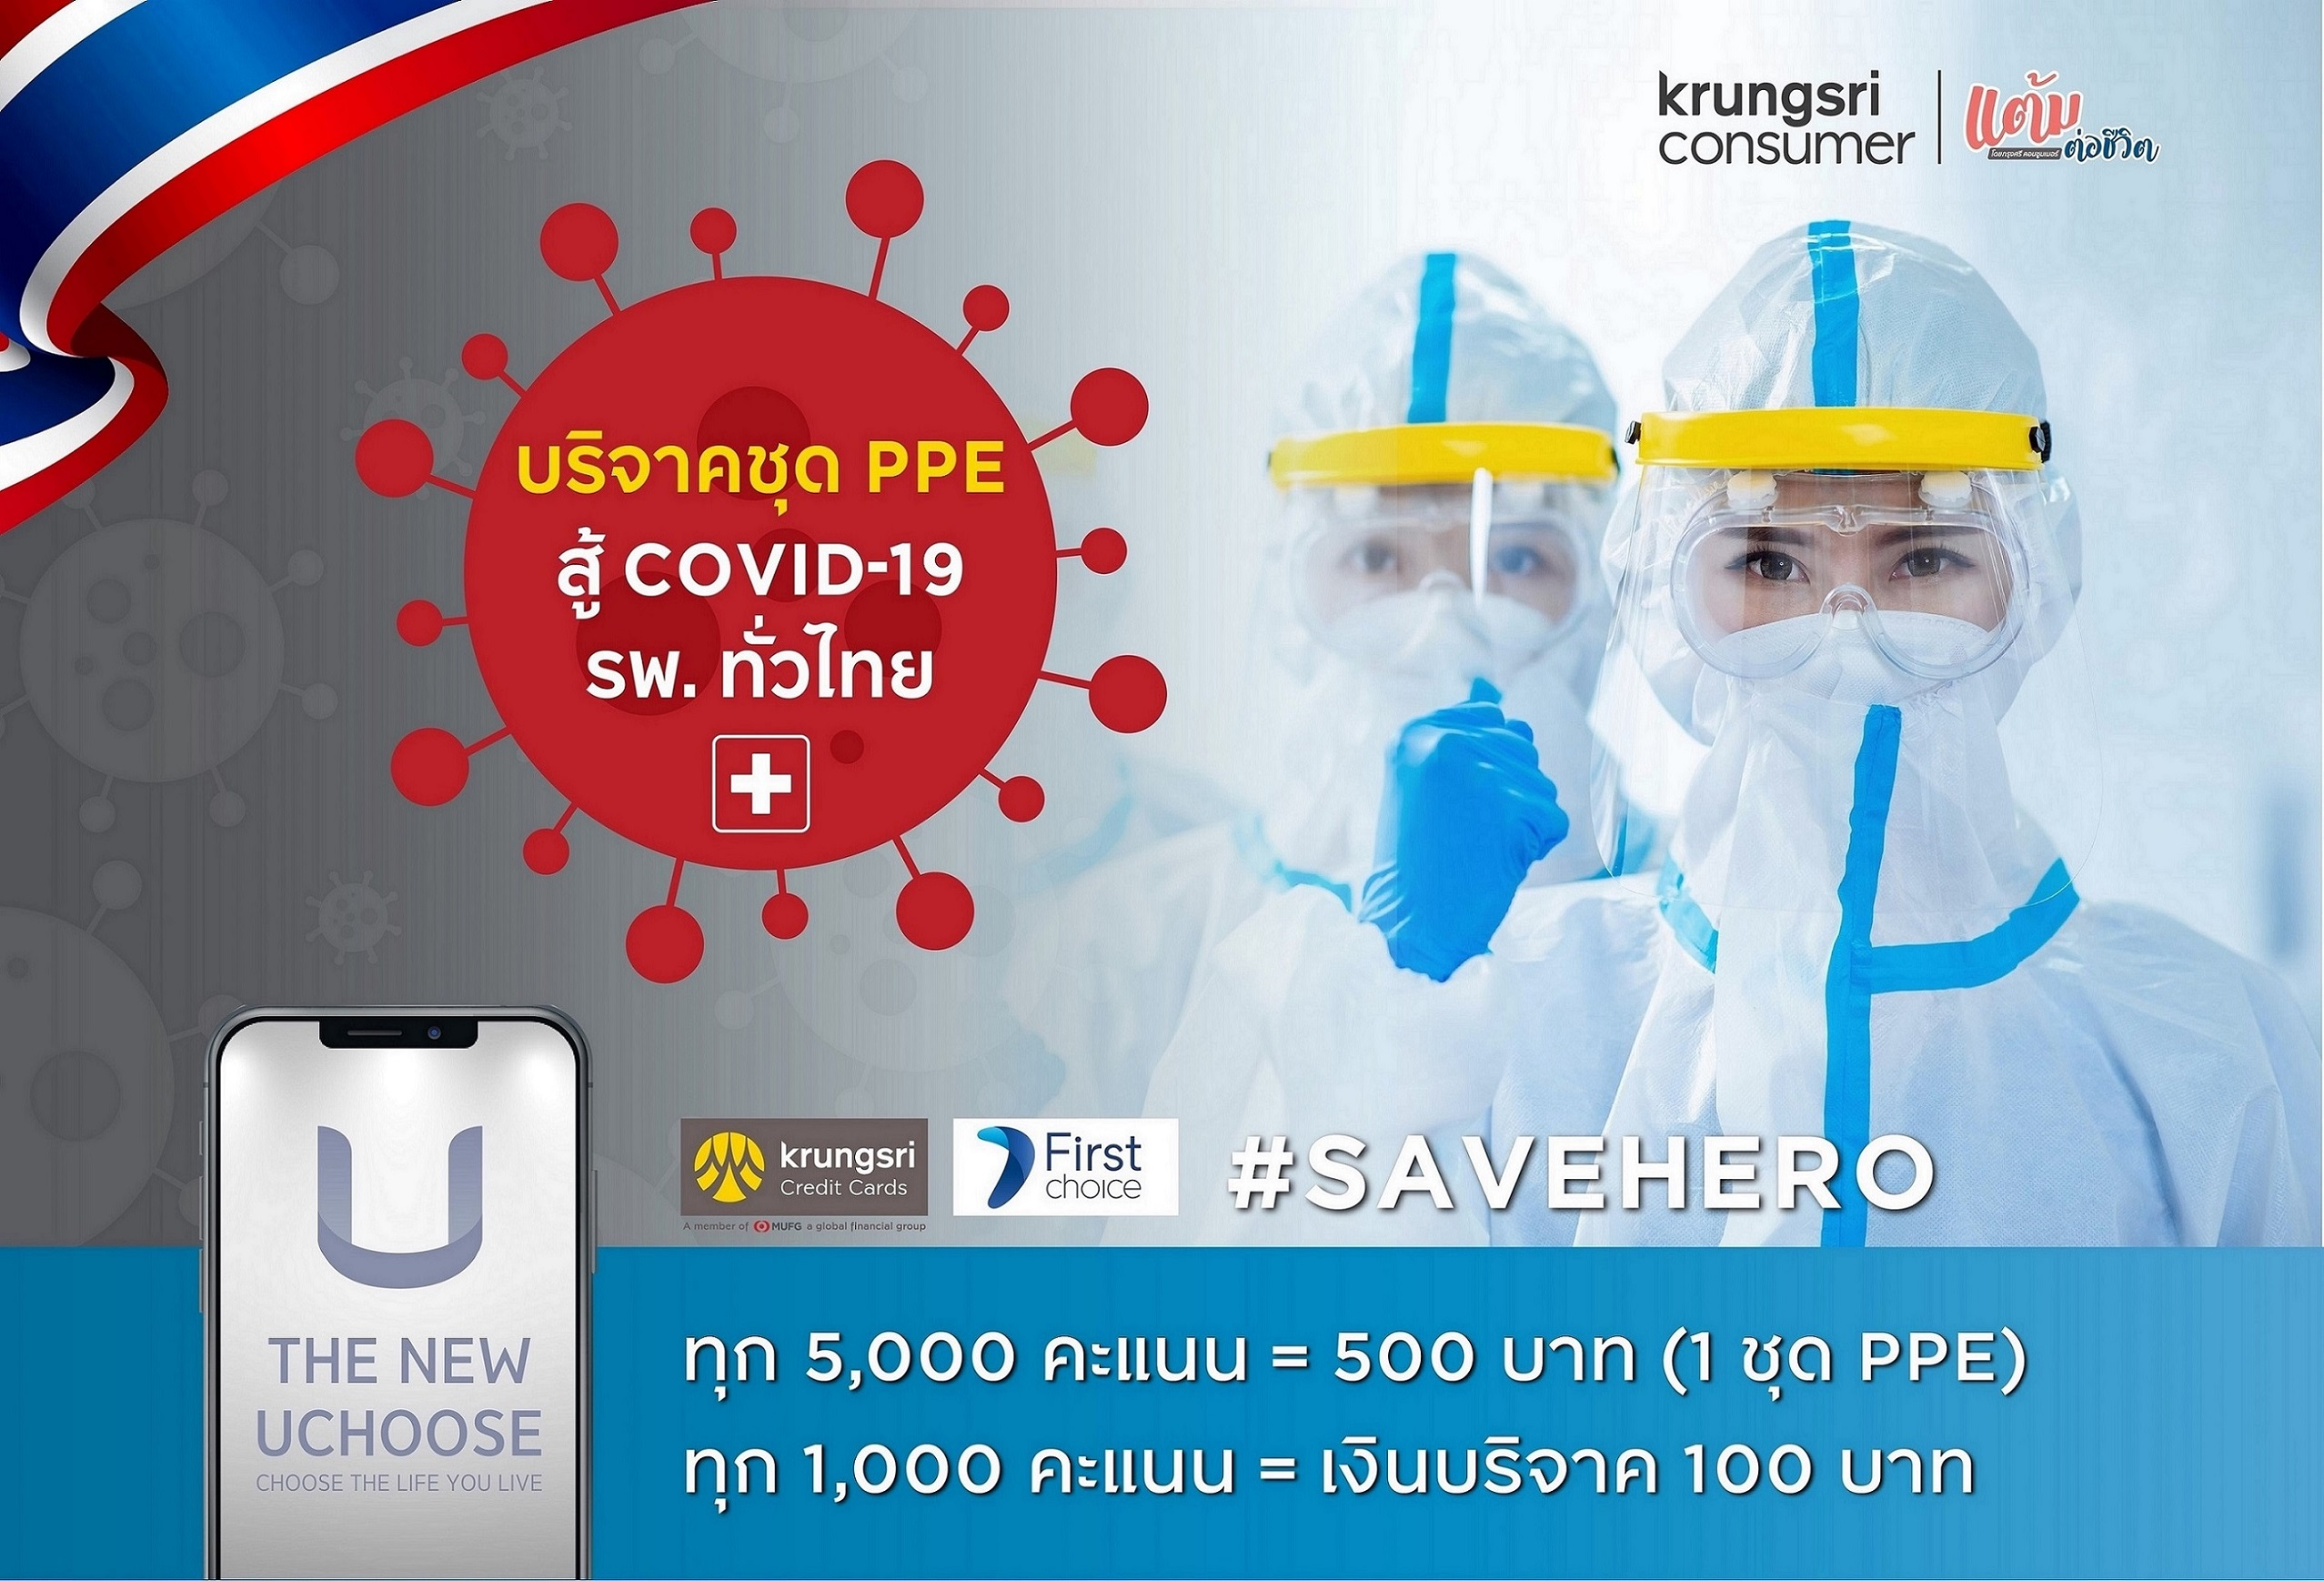 """กรุงศรี คอนซูมเมอร์ เดินหน้า """"โครงการแต้มต่อชีวิต"""" ชวนแลกแต้มบัตรเครดิตบริจาคชุด PPE มอบโรงพยาบาลทั่วไทยสู้ภัย 'COVID-19'"""